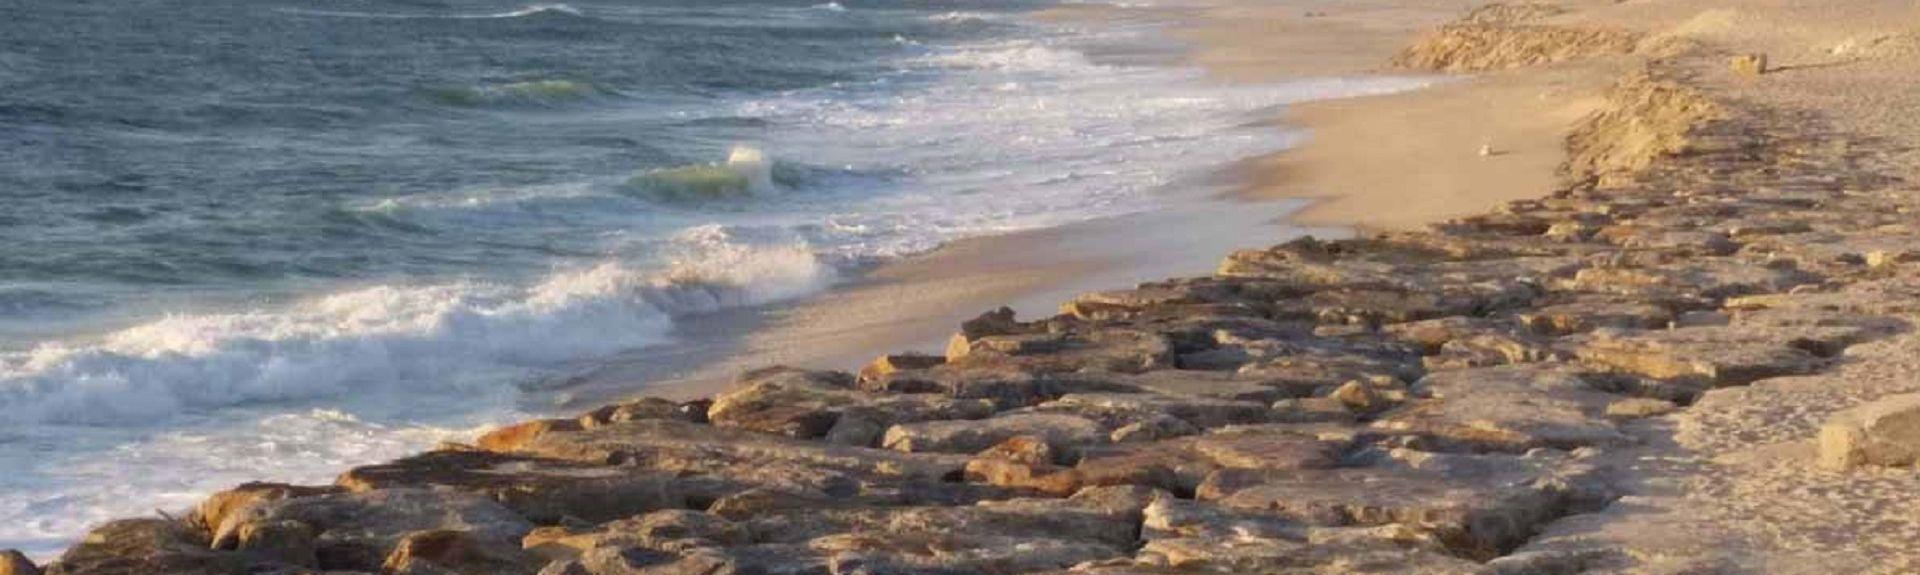 Strand von Costa Nova, Ilhavo, Distrikt Aveiro, Portugal